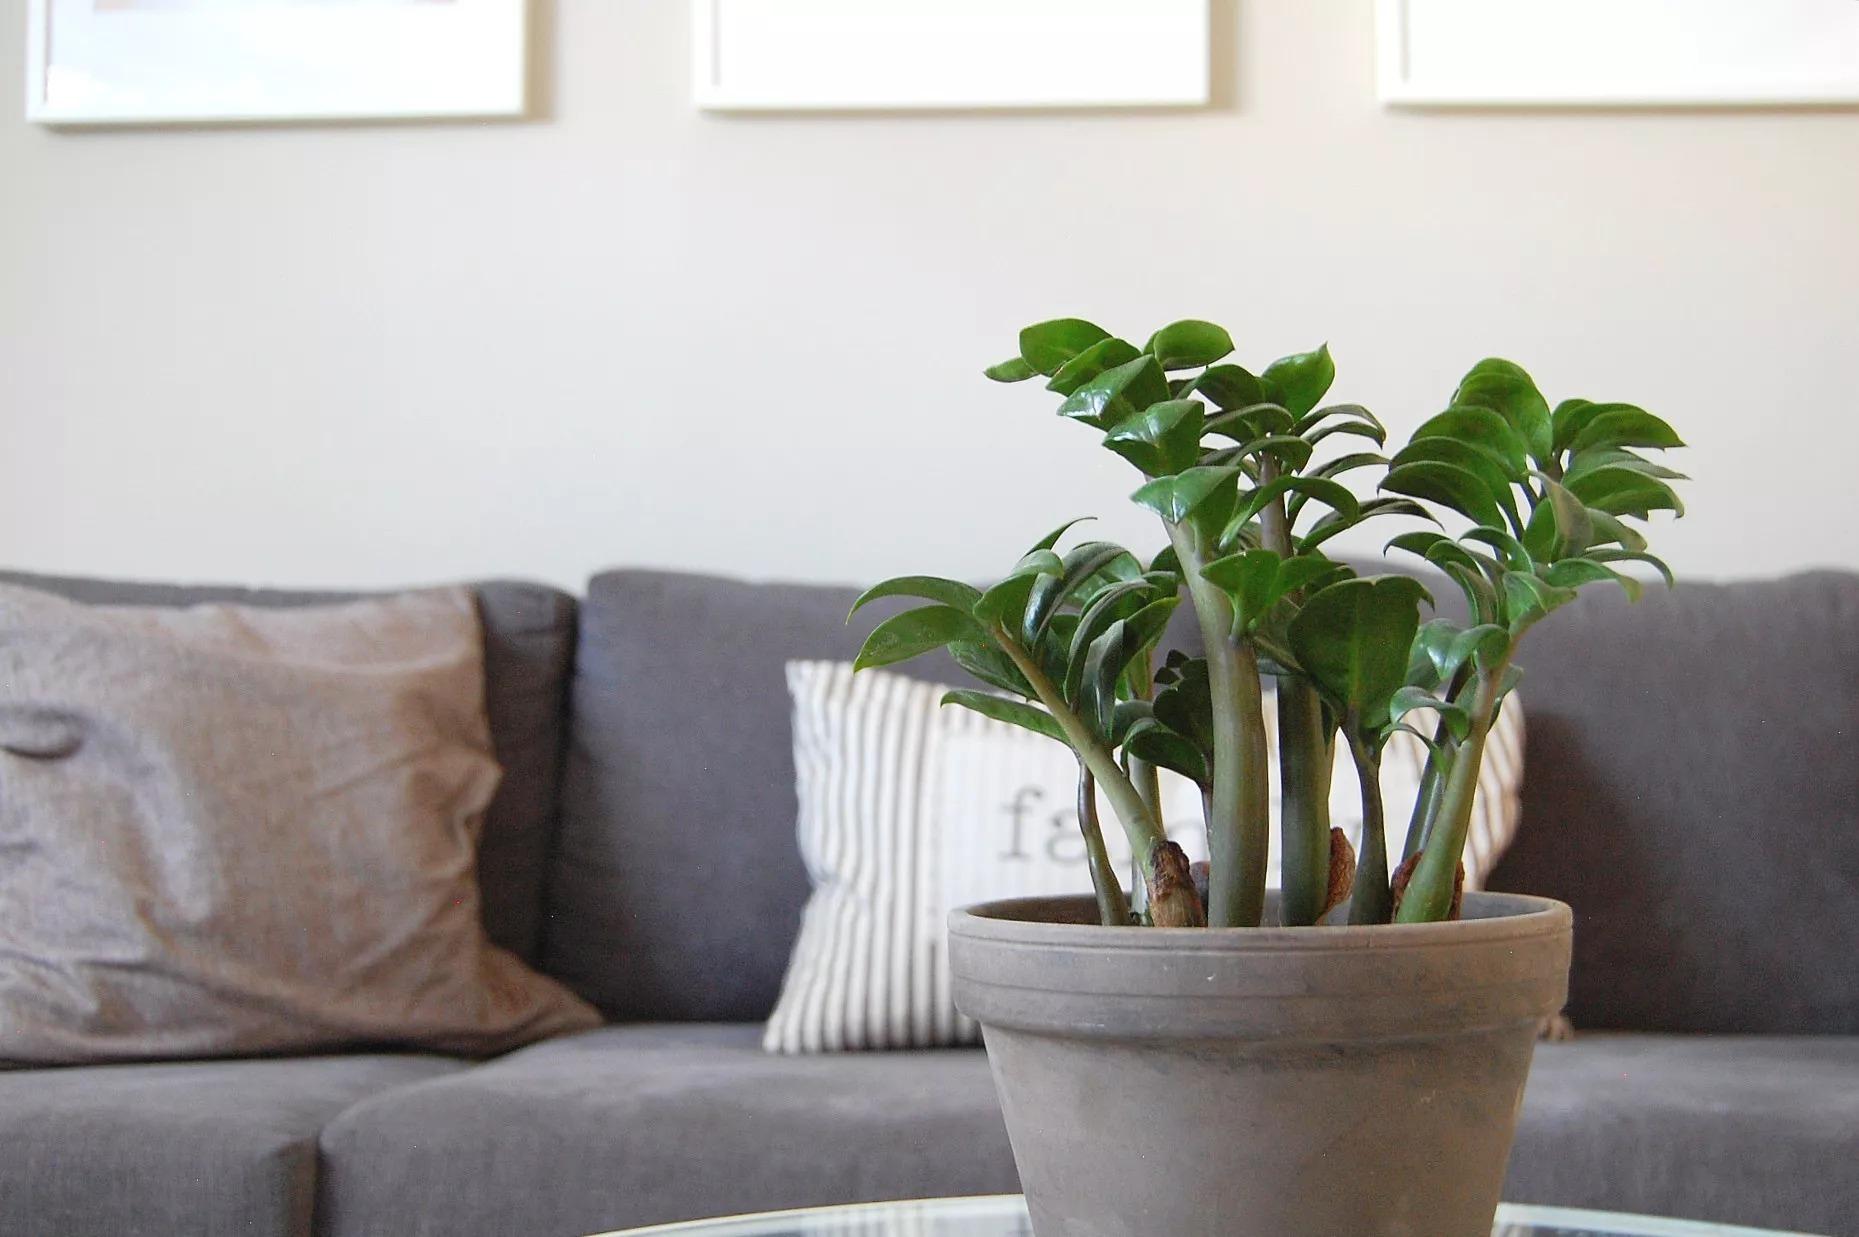 گیاهان سمی برای حیوانات خانگی - زاموفیلیا